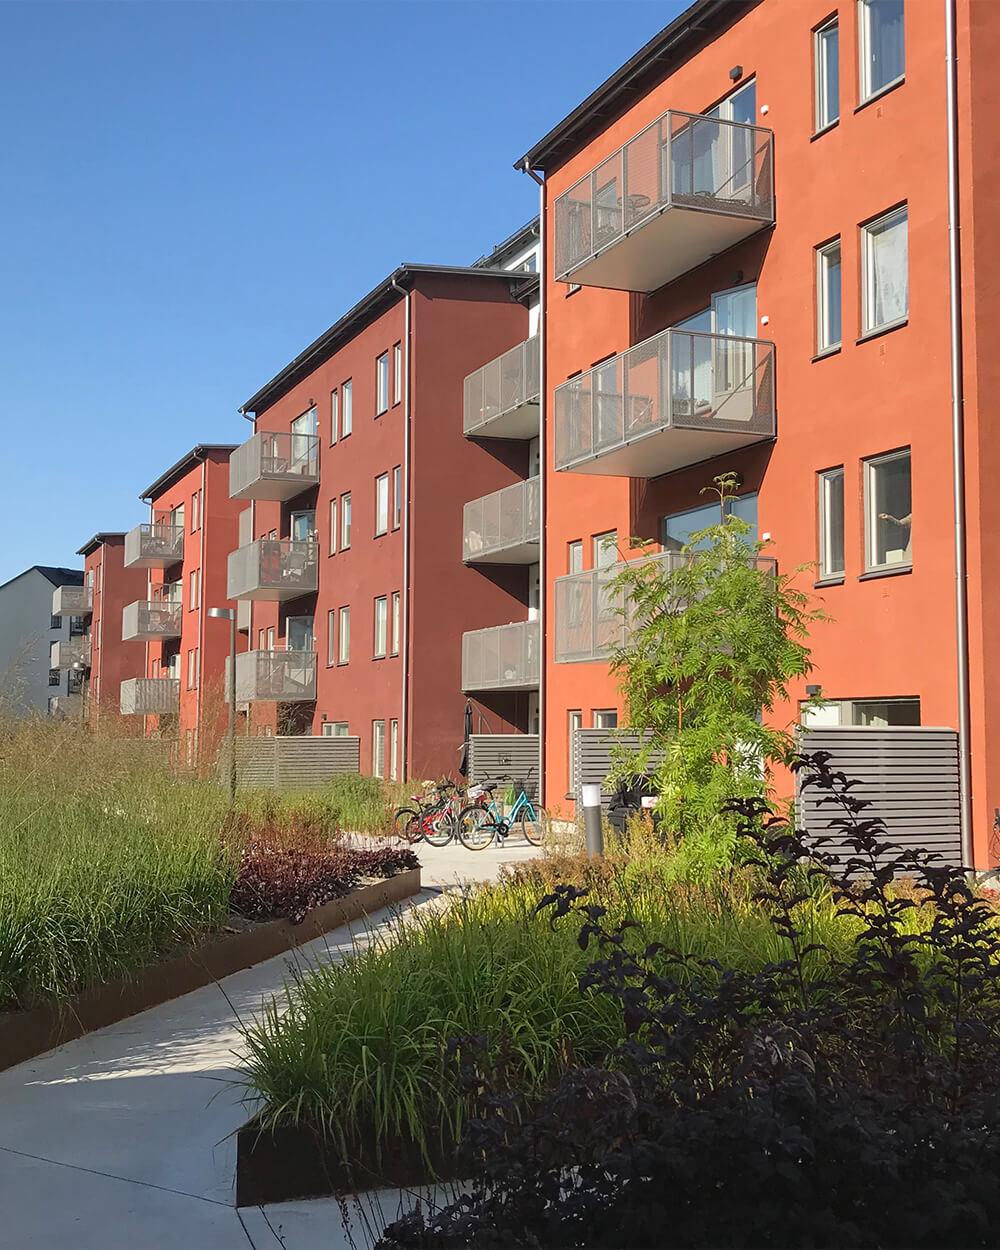 Porslinshusen gård2_1000.jpg